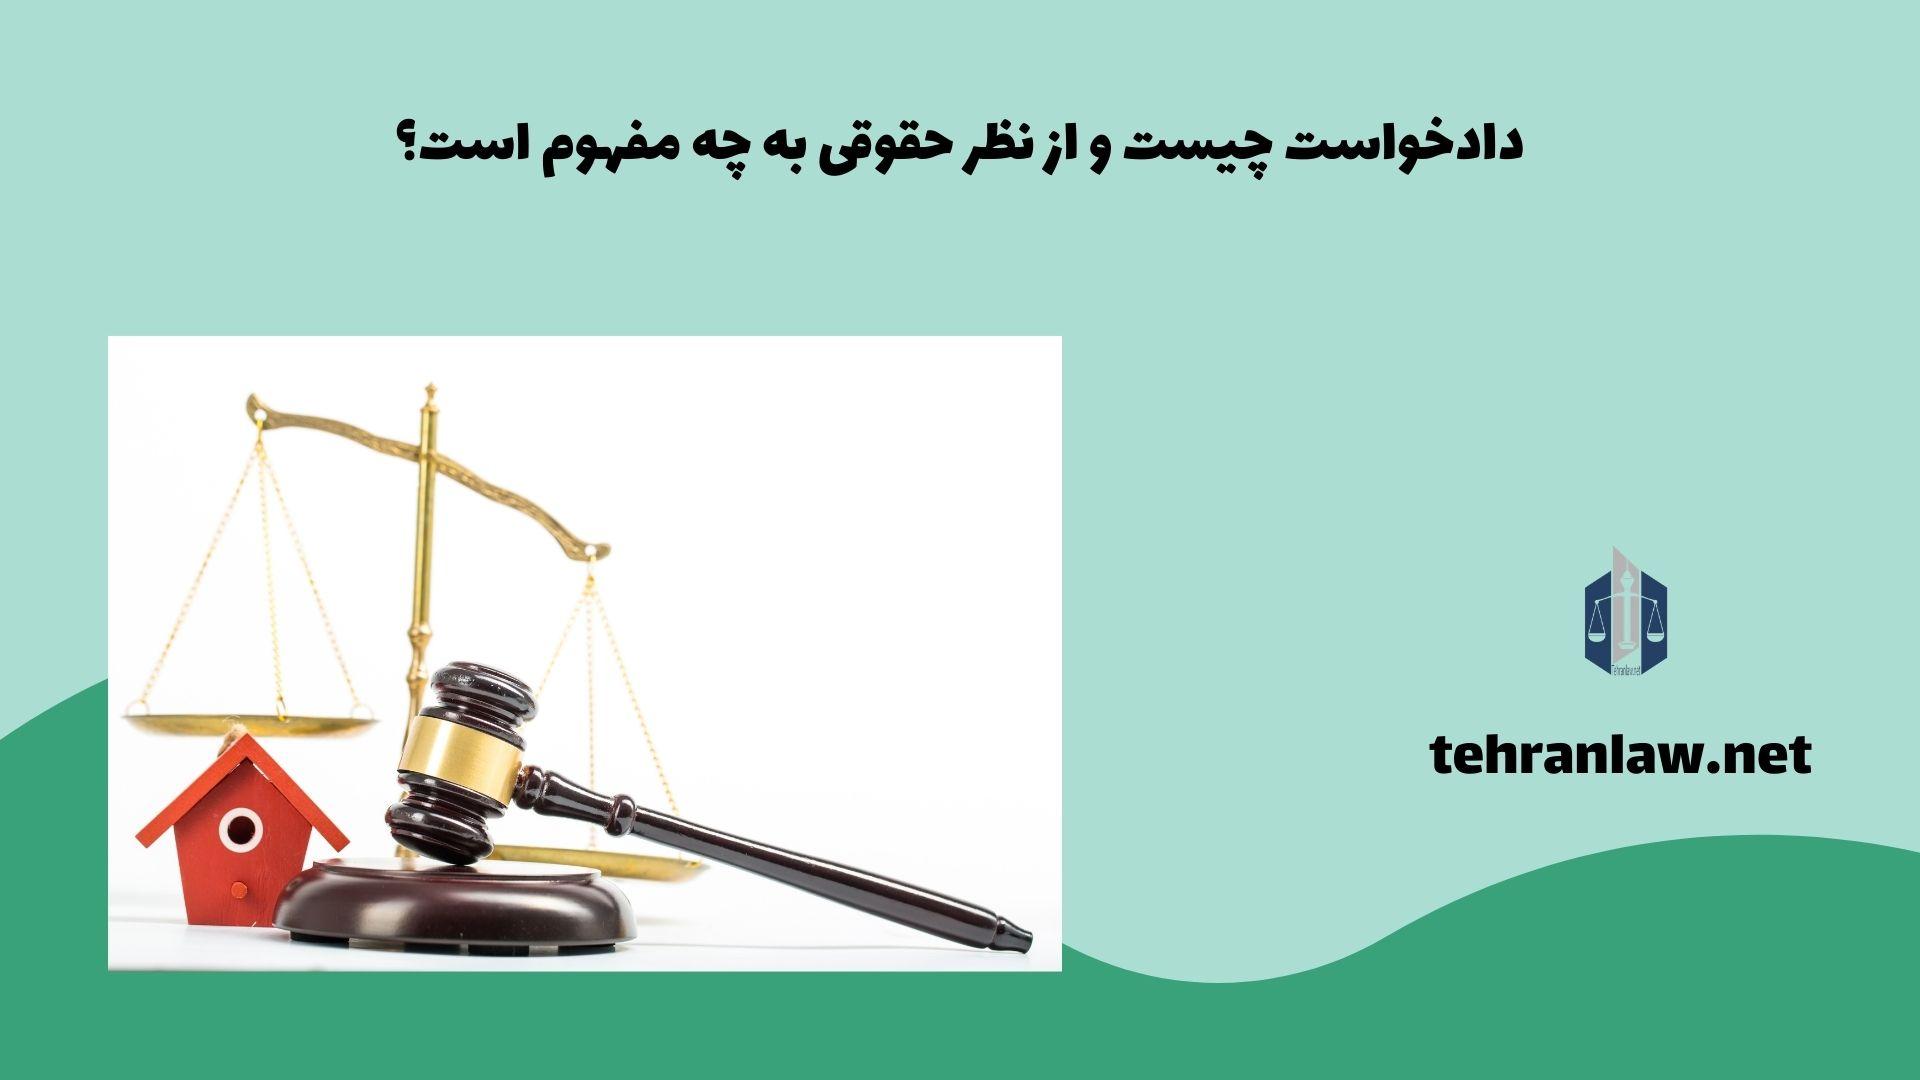 دادخواست چیست و از نظر حقوقی به چه مفهوم است؟